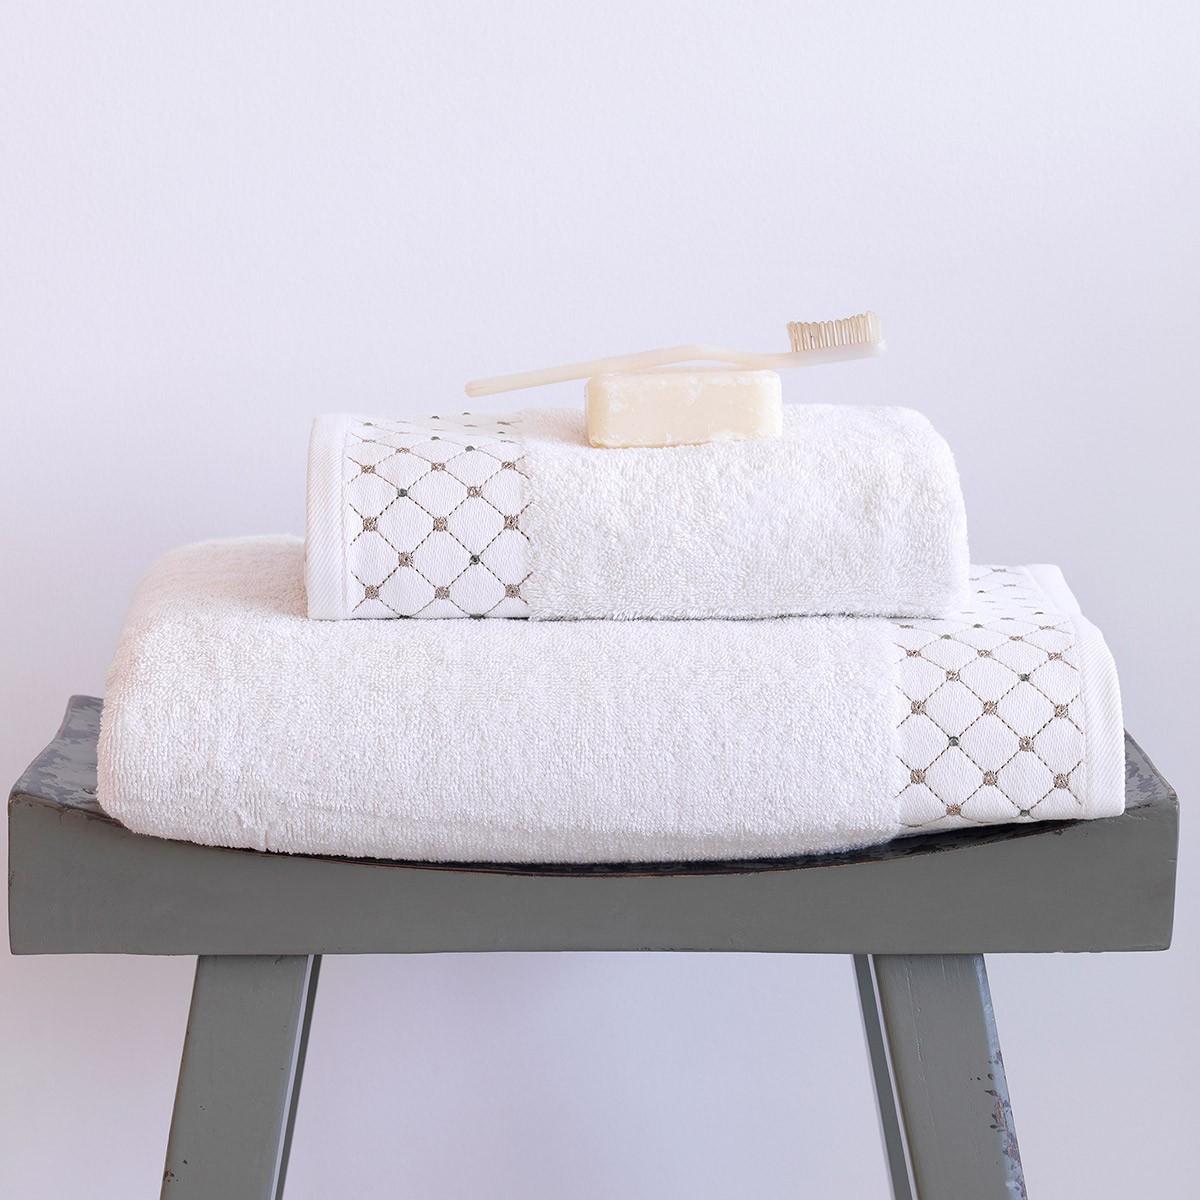 Πετσέτες Μπάνιου (Σετ 2τμχ) Sb Home Domino Cream